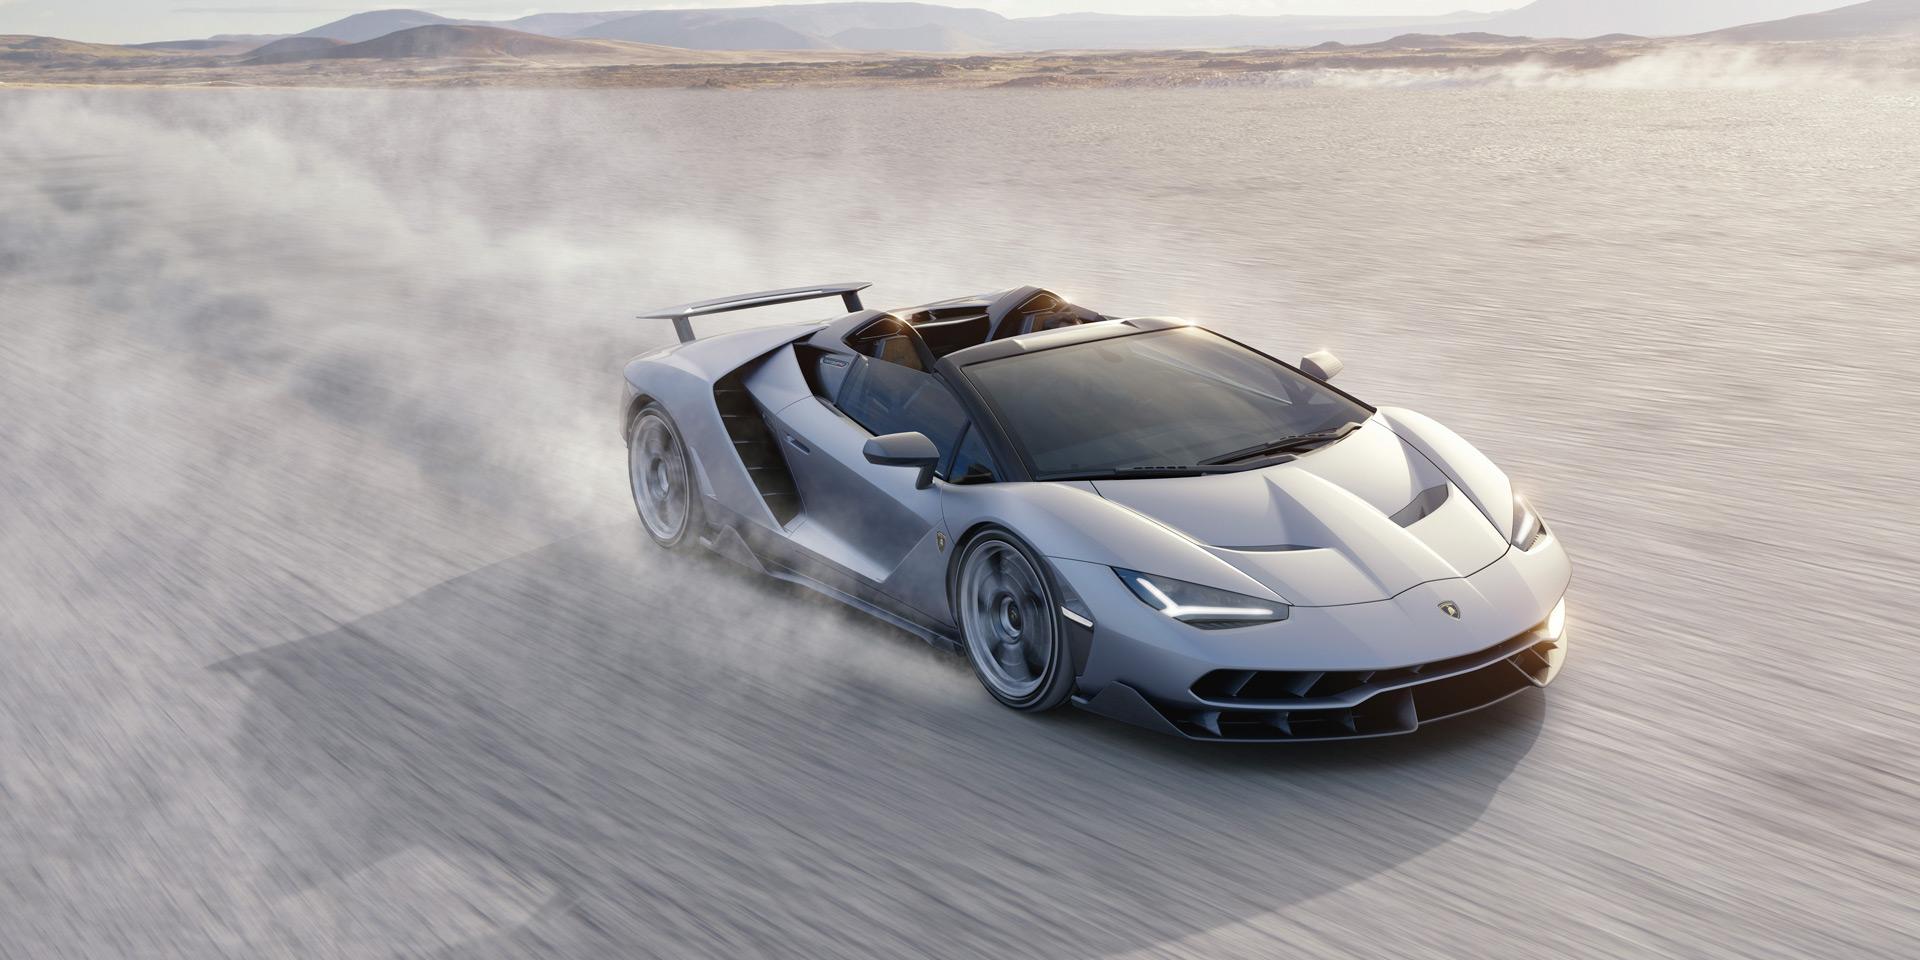 SSUV Lamborghini Urus, Centenario Roadster и другие суперкары Lamborghini на Фестивале скорости 2018 в Гудвуде